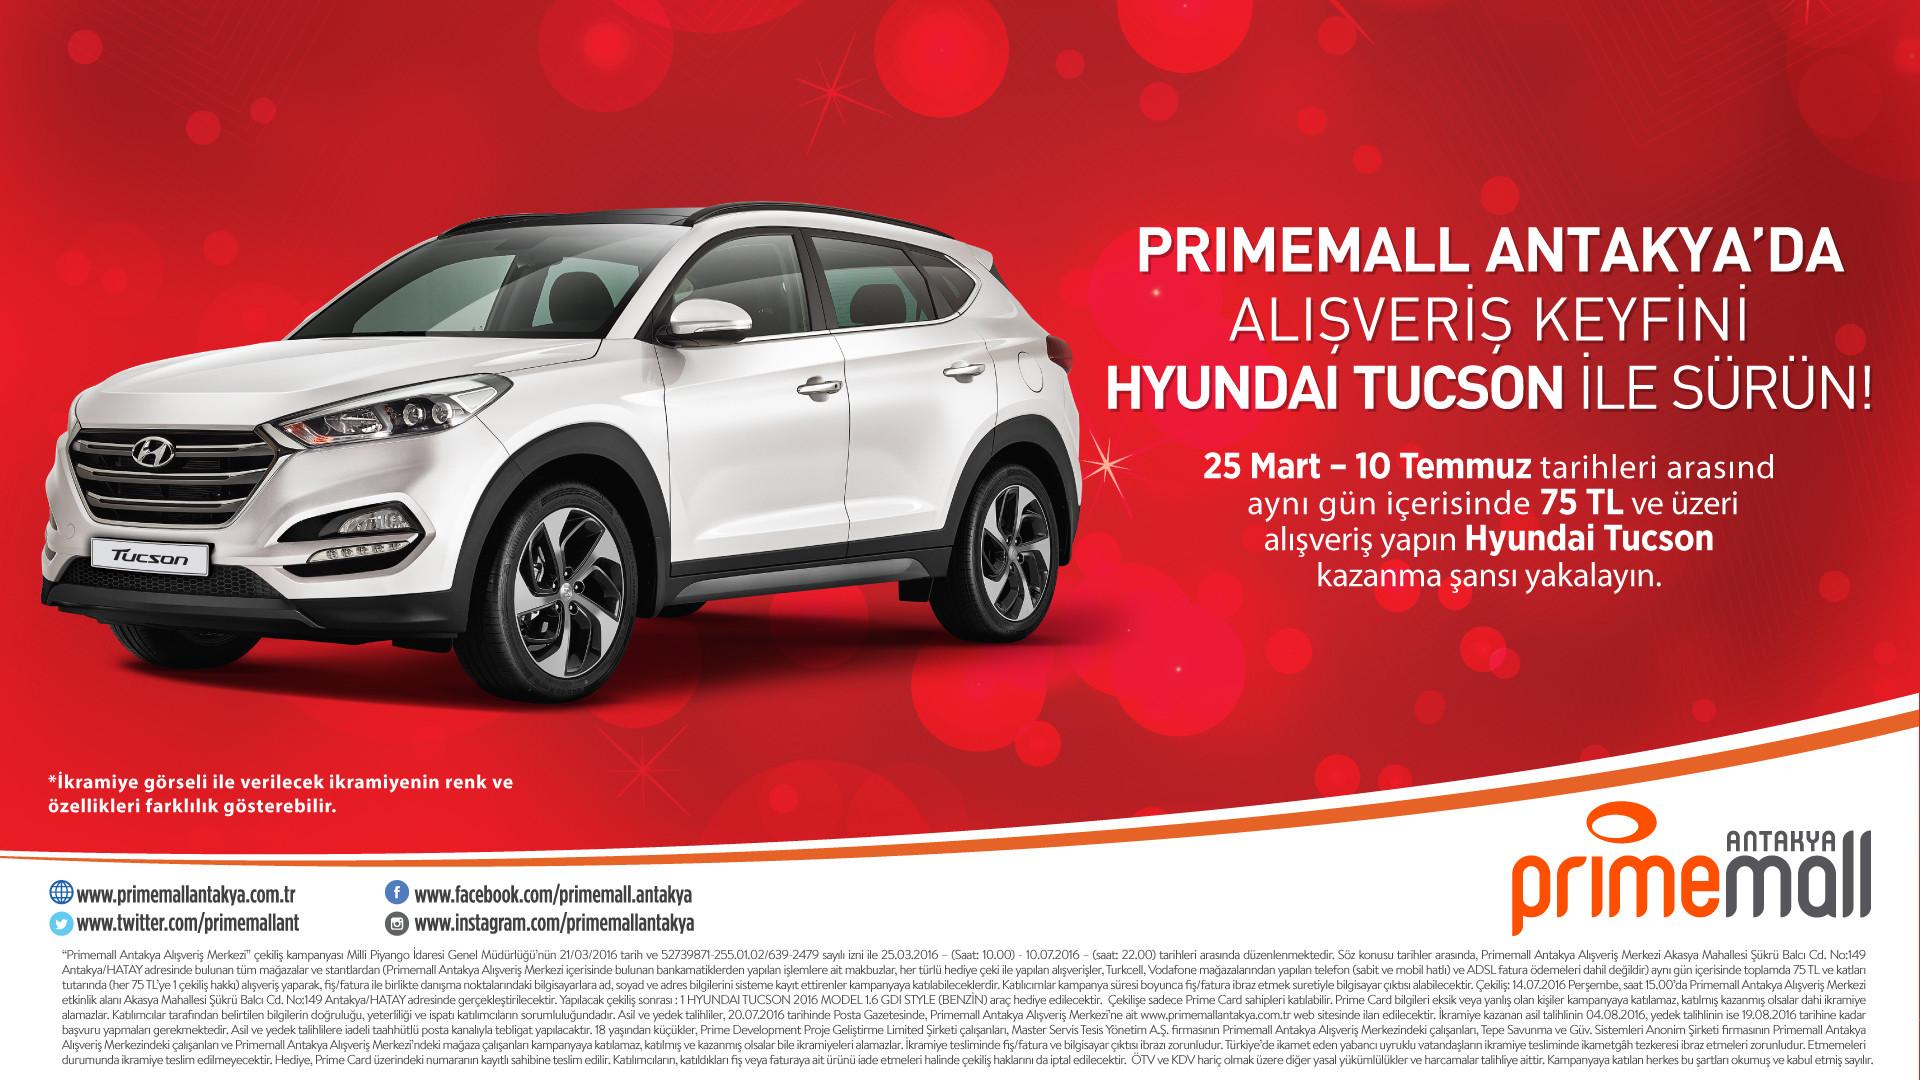 Primemall Antakya'da Alışveriş Keyfini Hyundai Tucson İle Sürün!